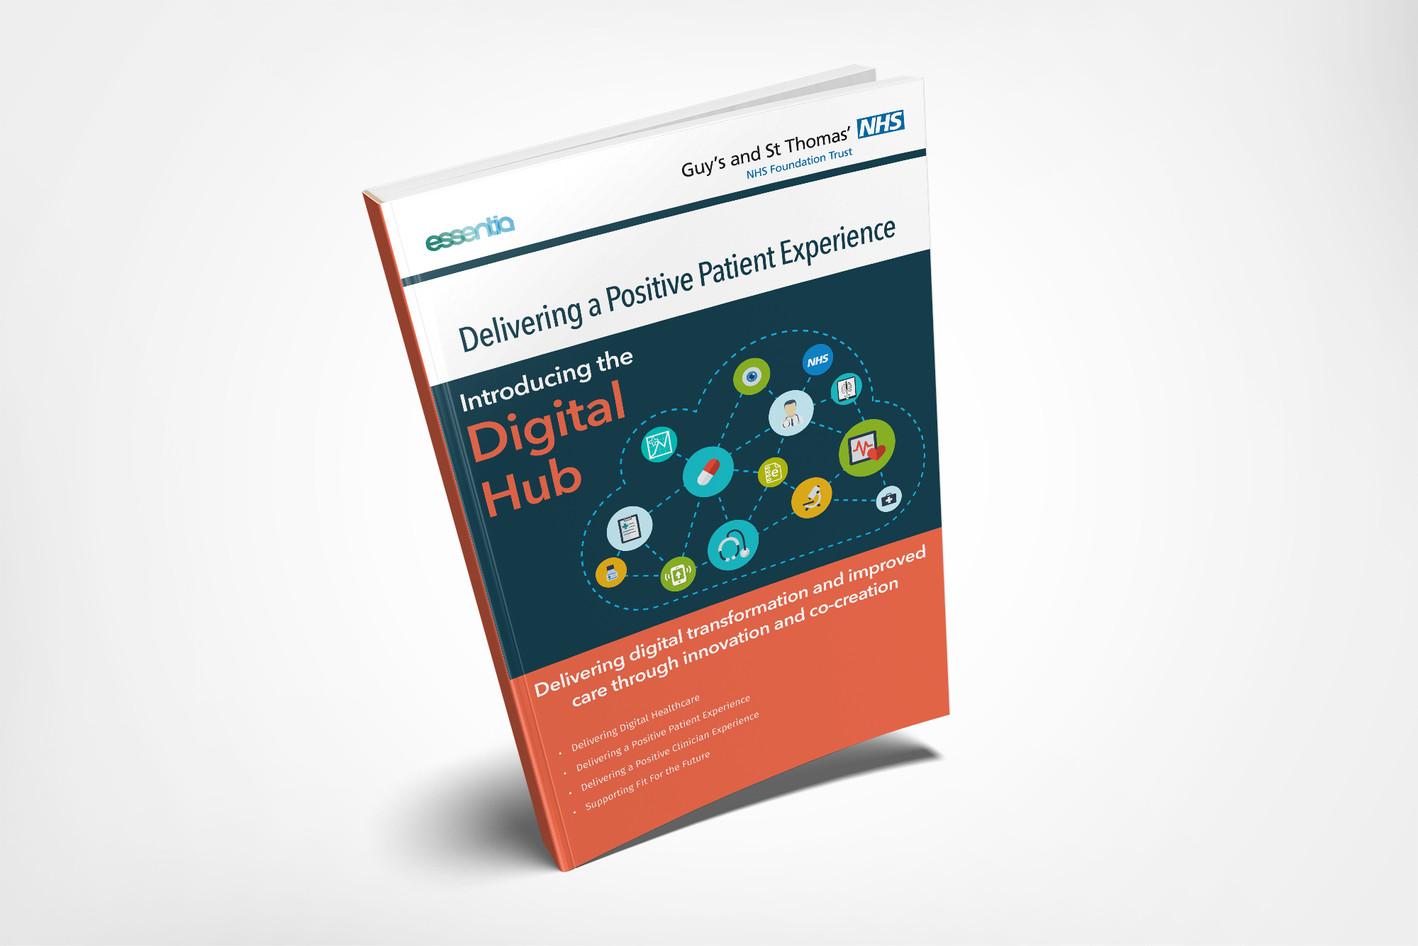 Digital Hub, Guys & St Thomas NHS Hospital